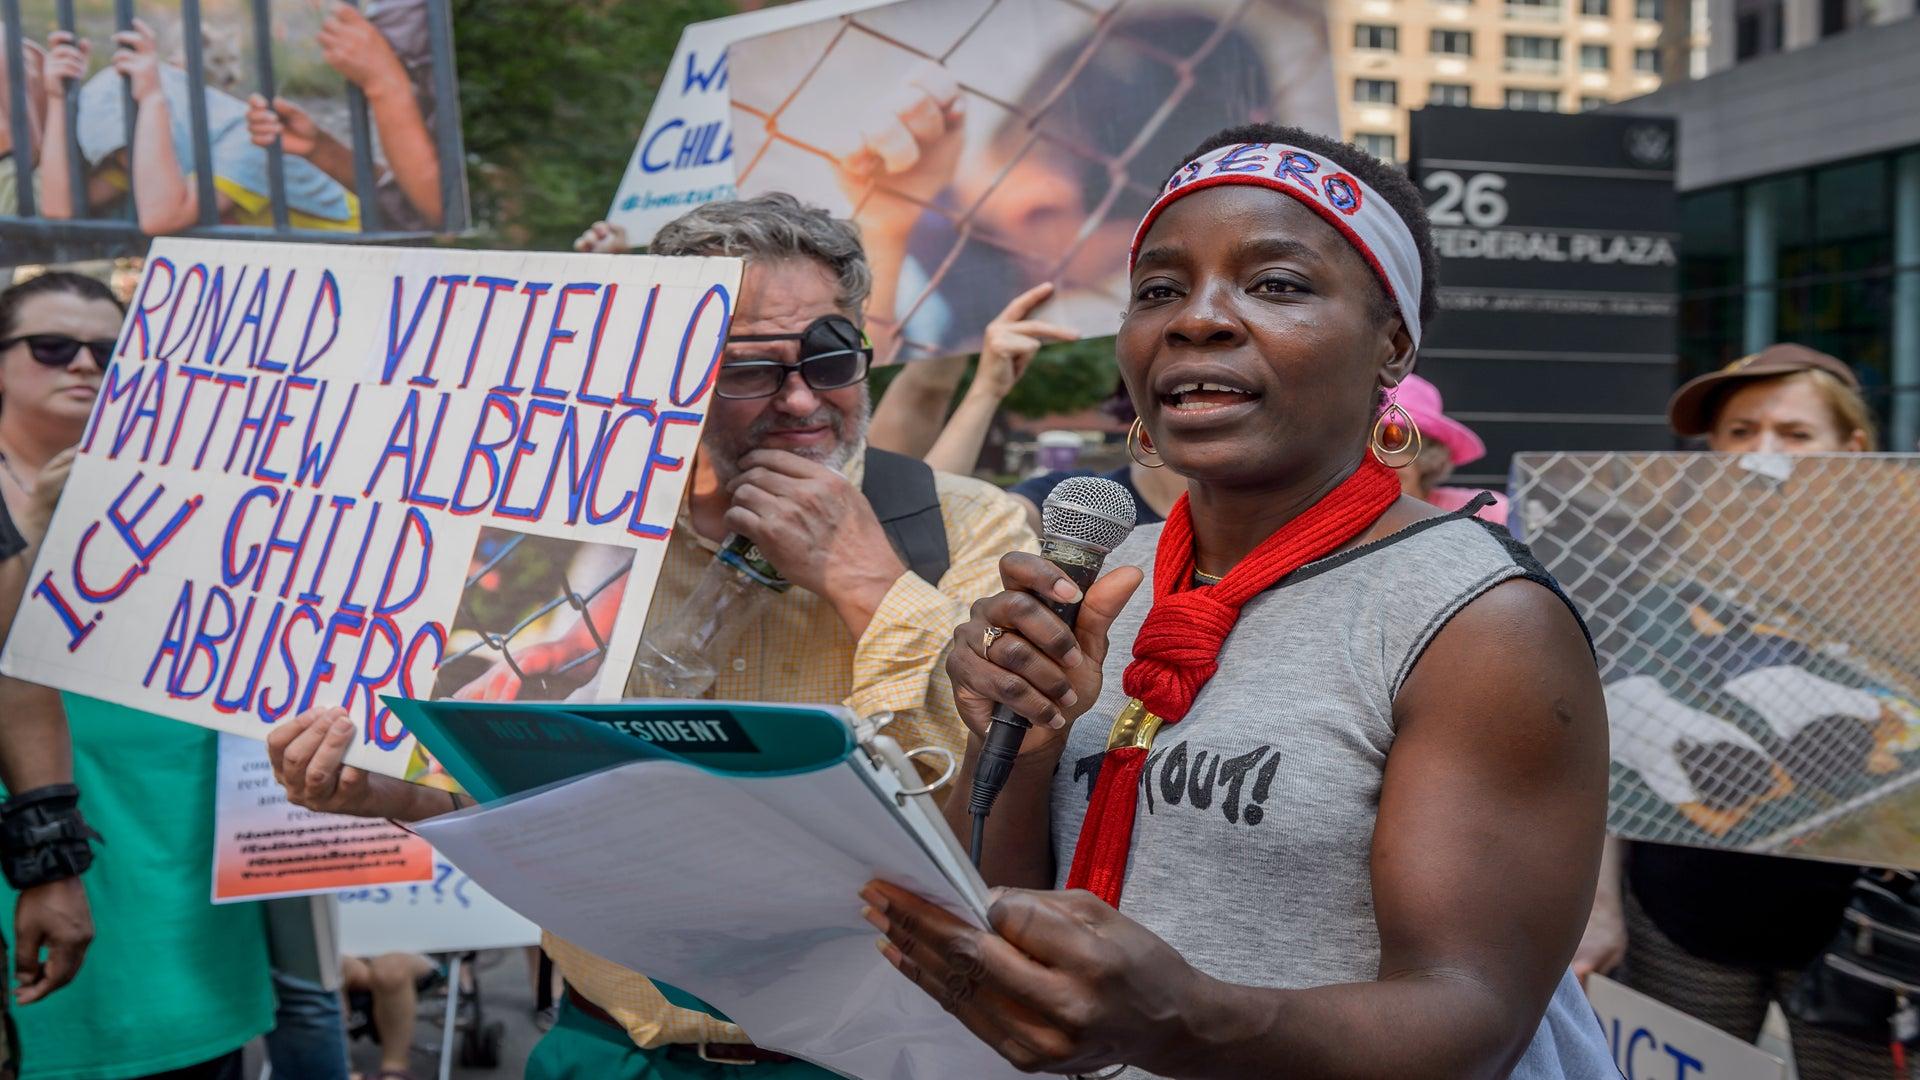 Patricia Okoumou, Statue of Liberty Climber, Denied Jury Trial